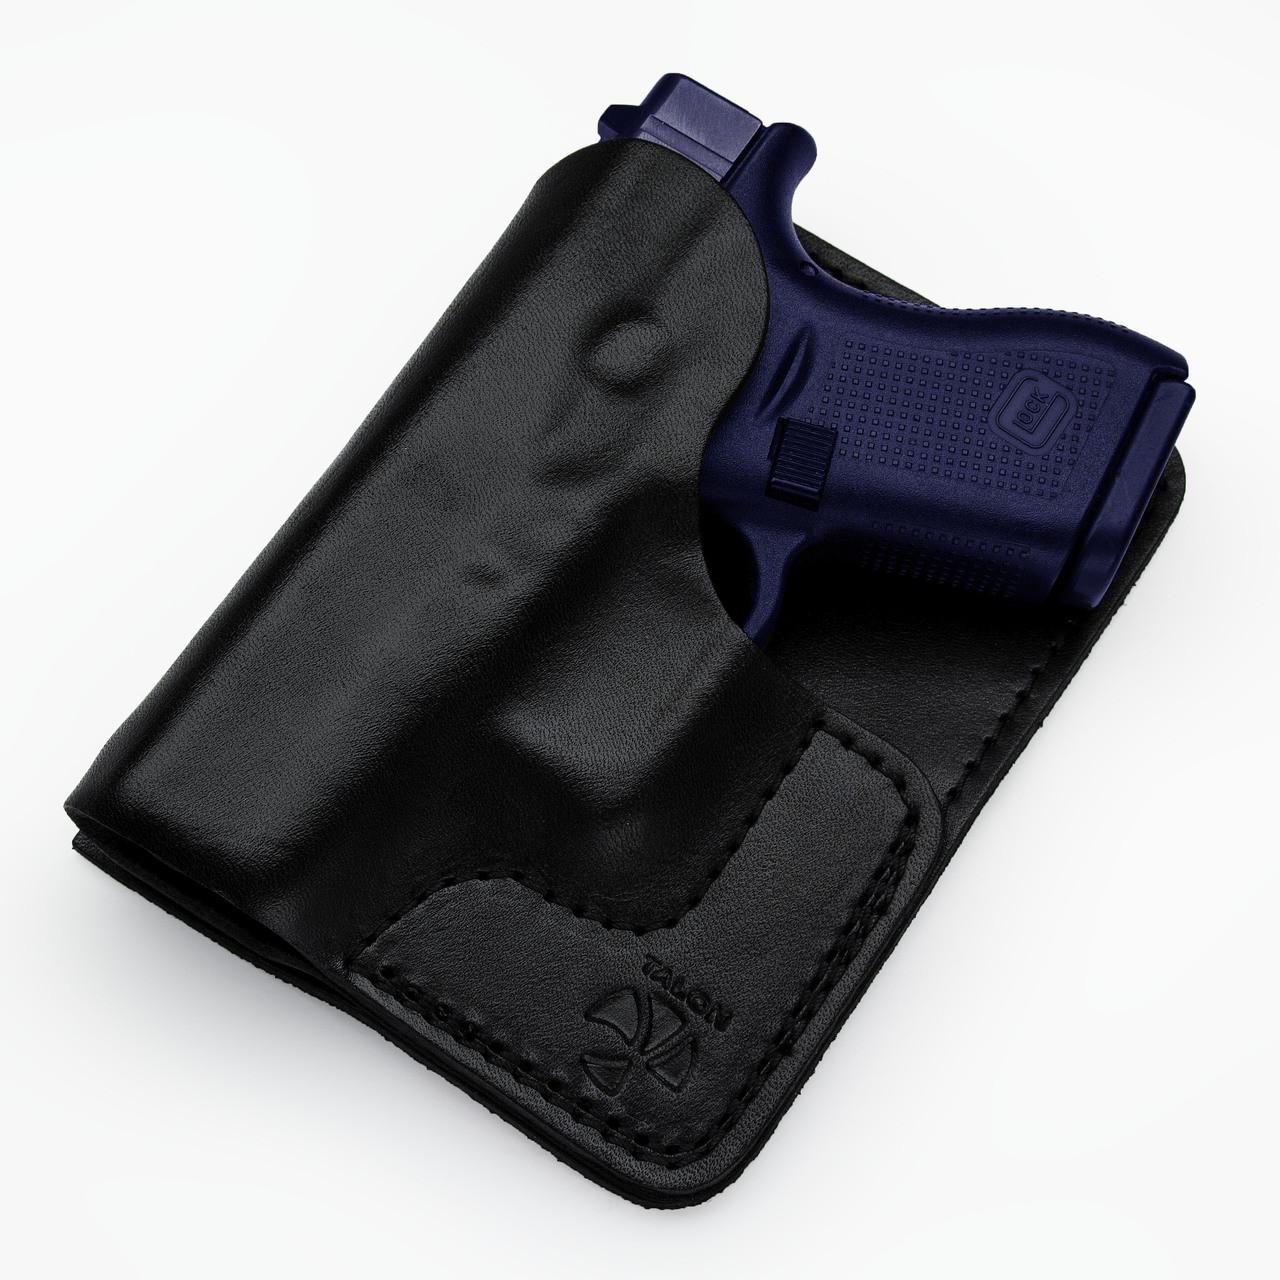 Talon Glock 42 Cargo Pocket Holster